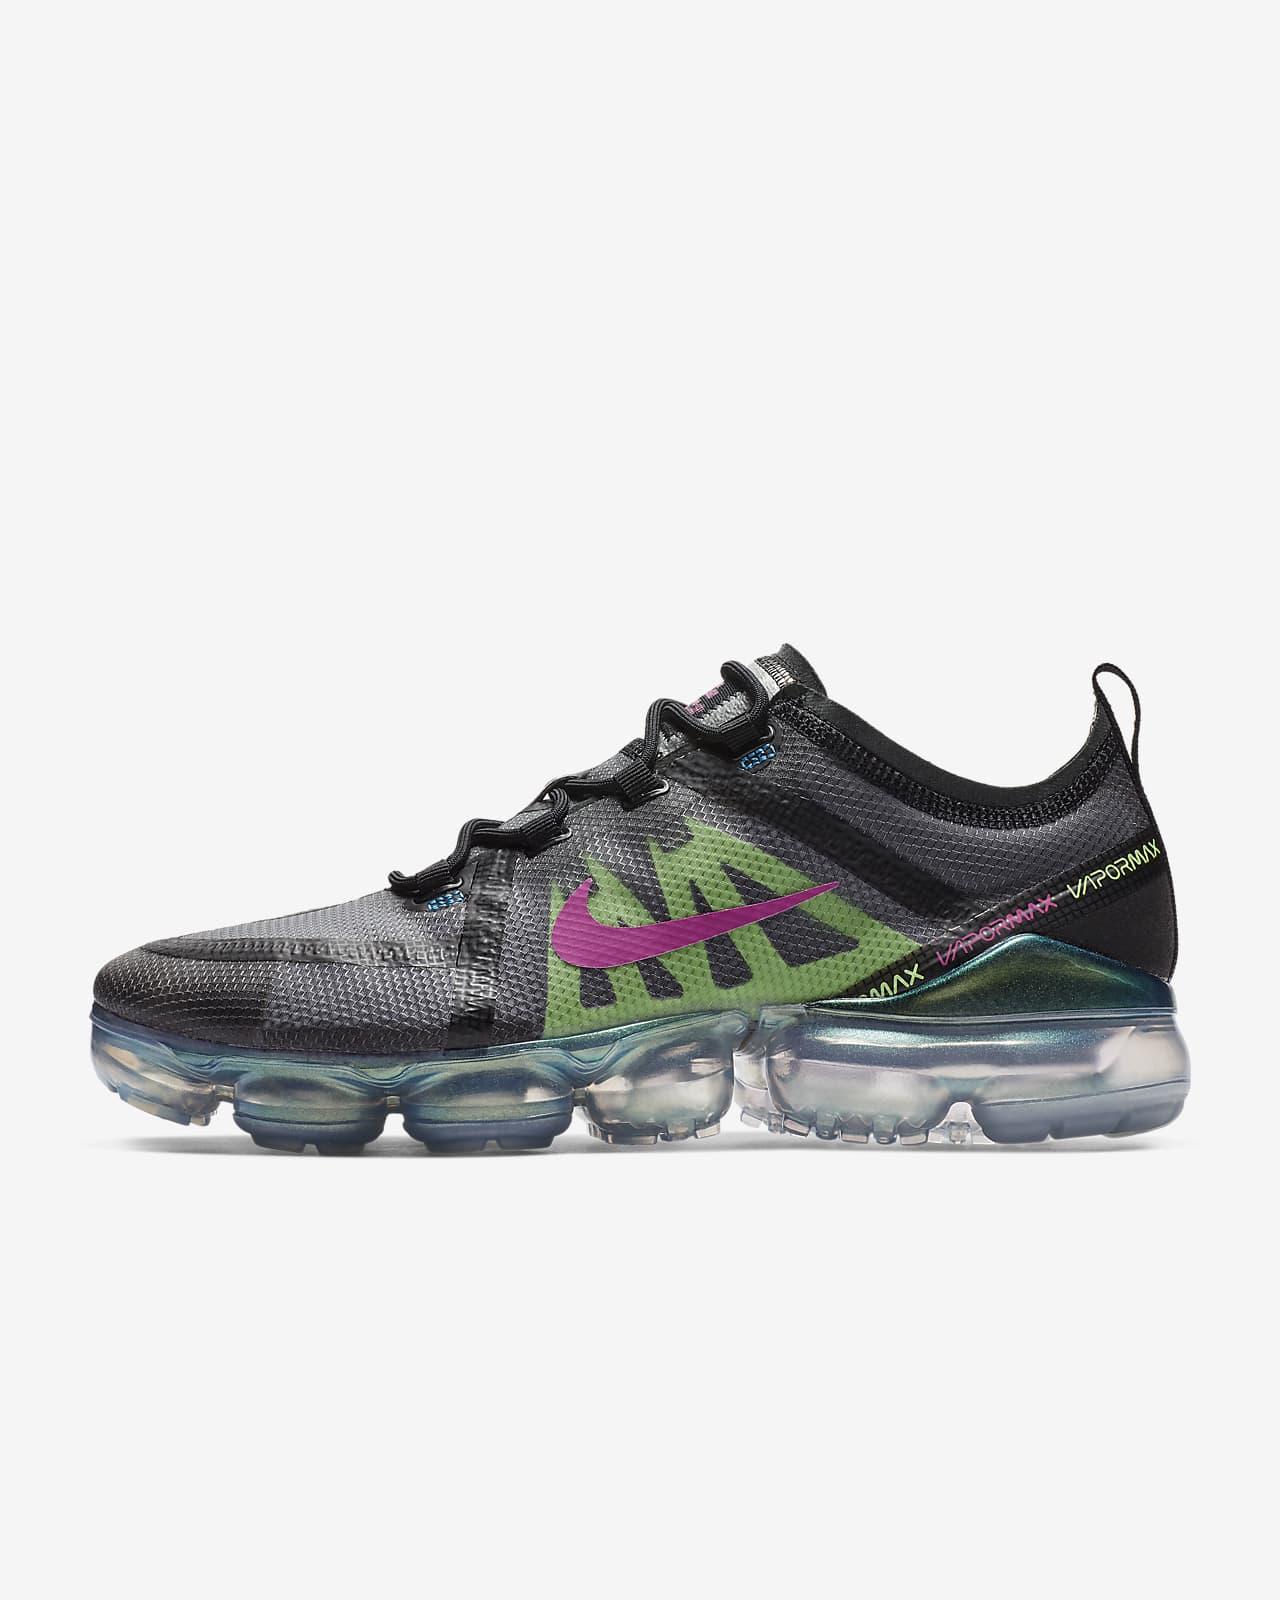 Nike Air VaporMax 2019 Premium Shoe